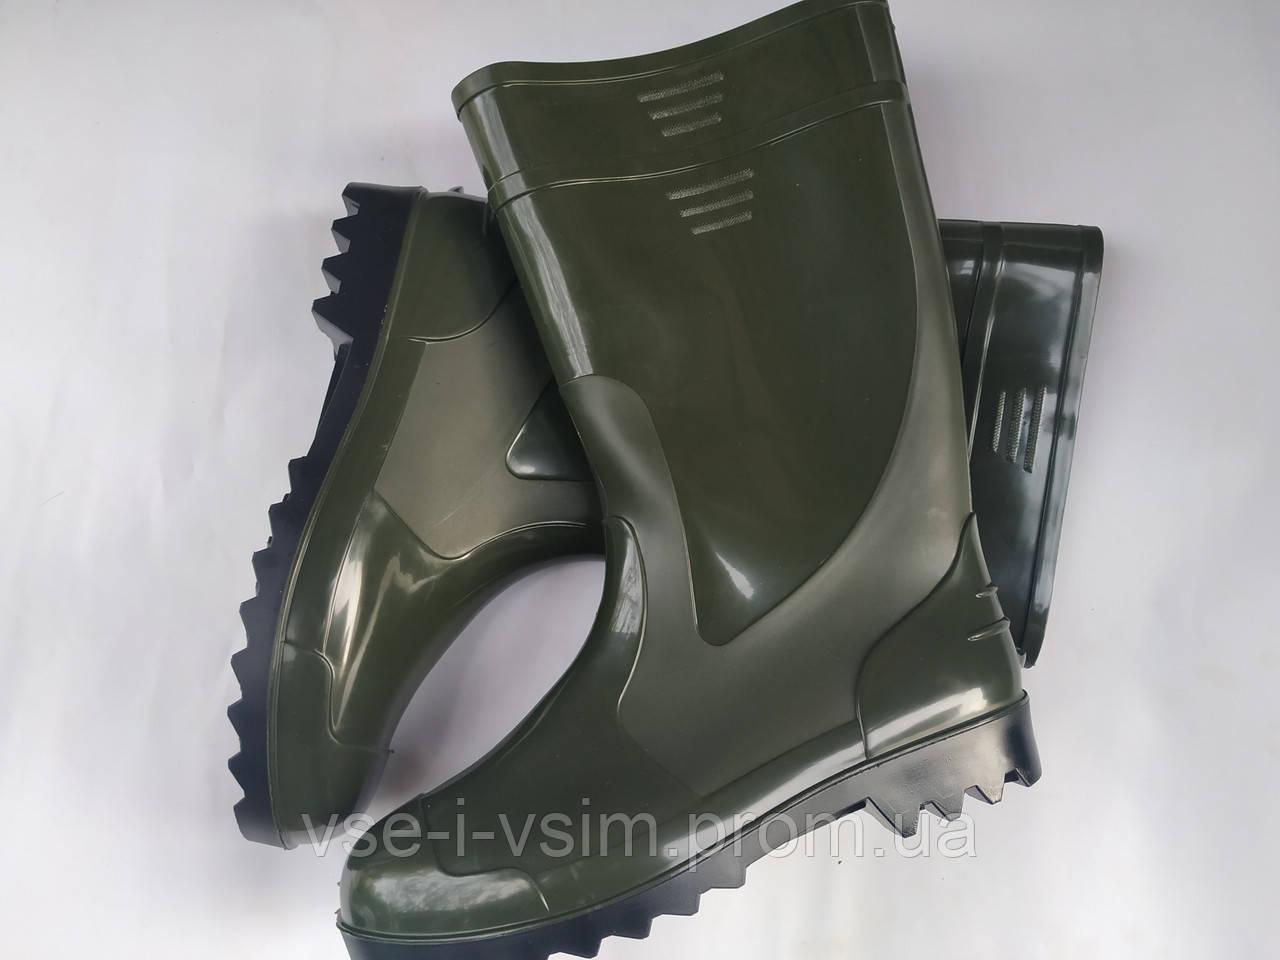 Резиновые сапоги Litma размер 43